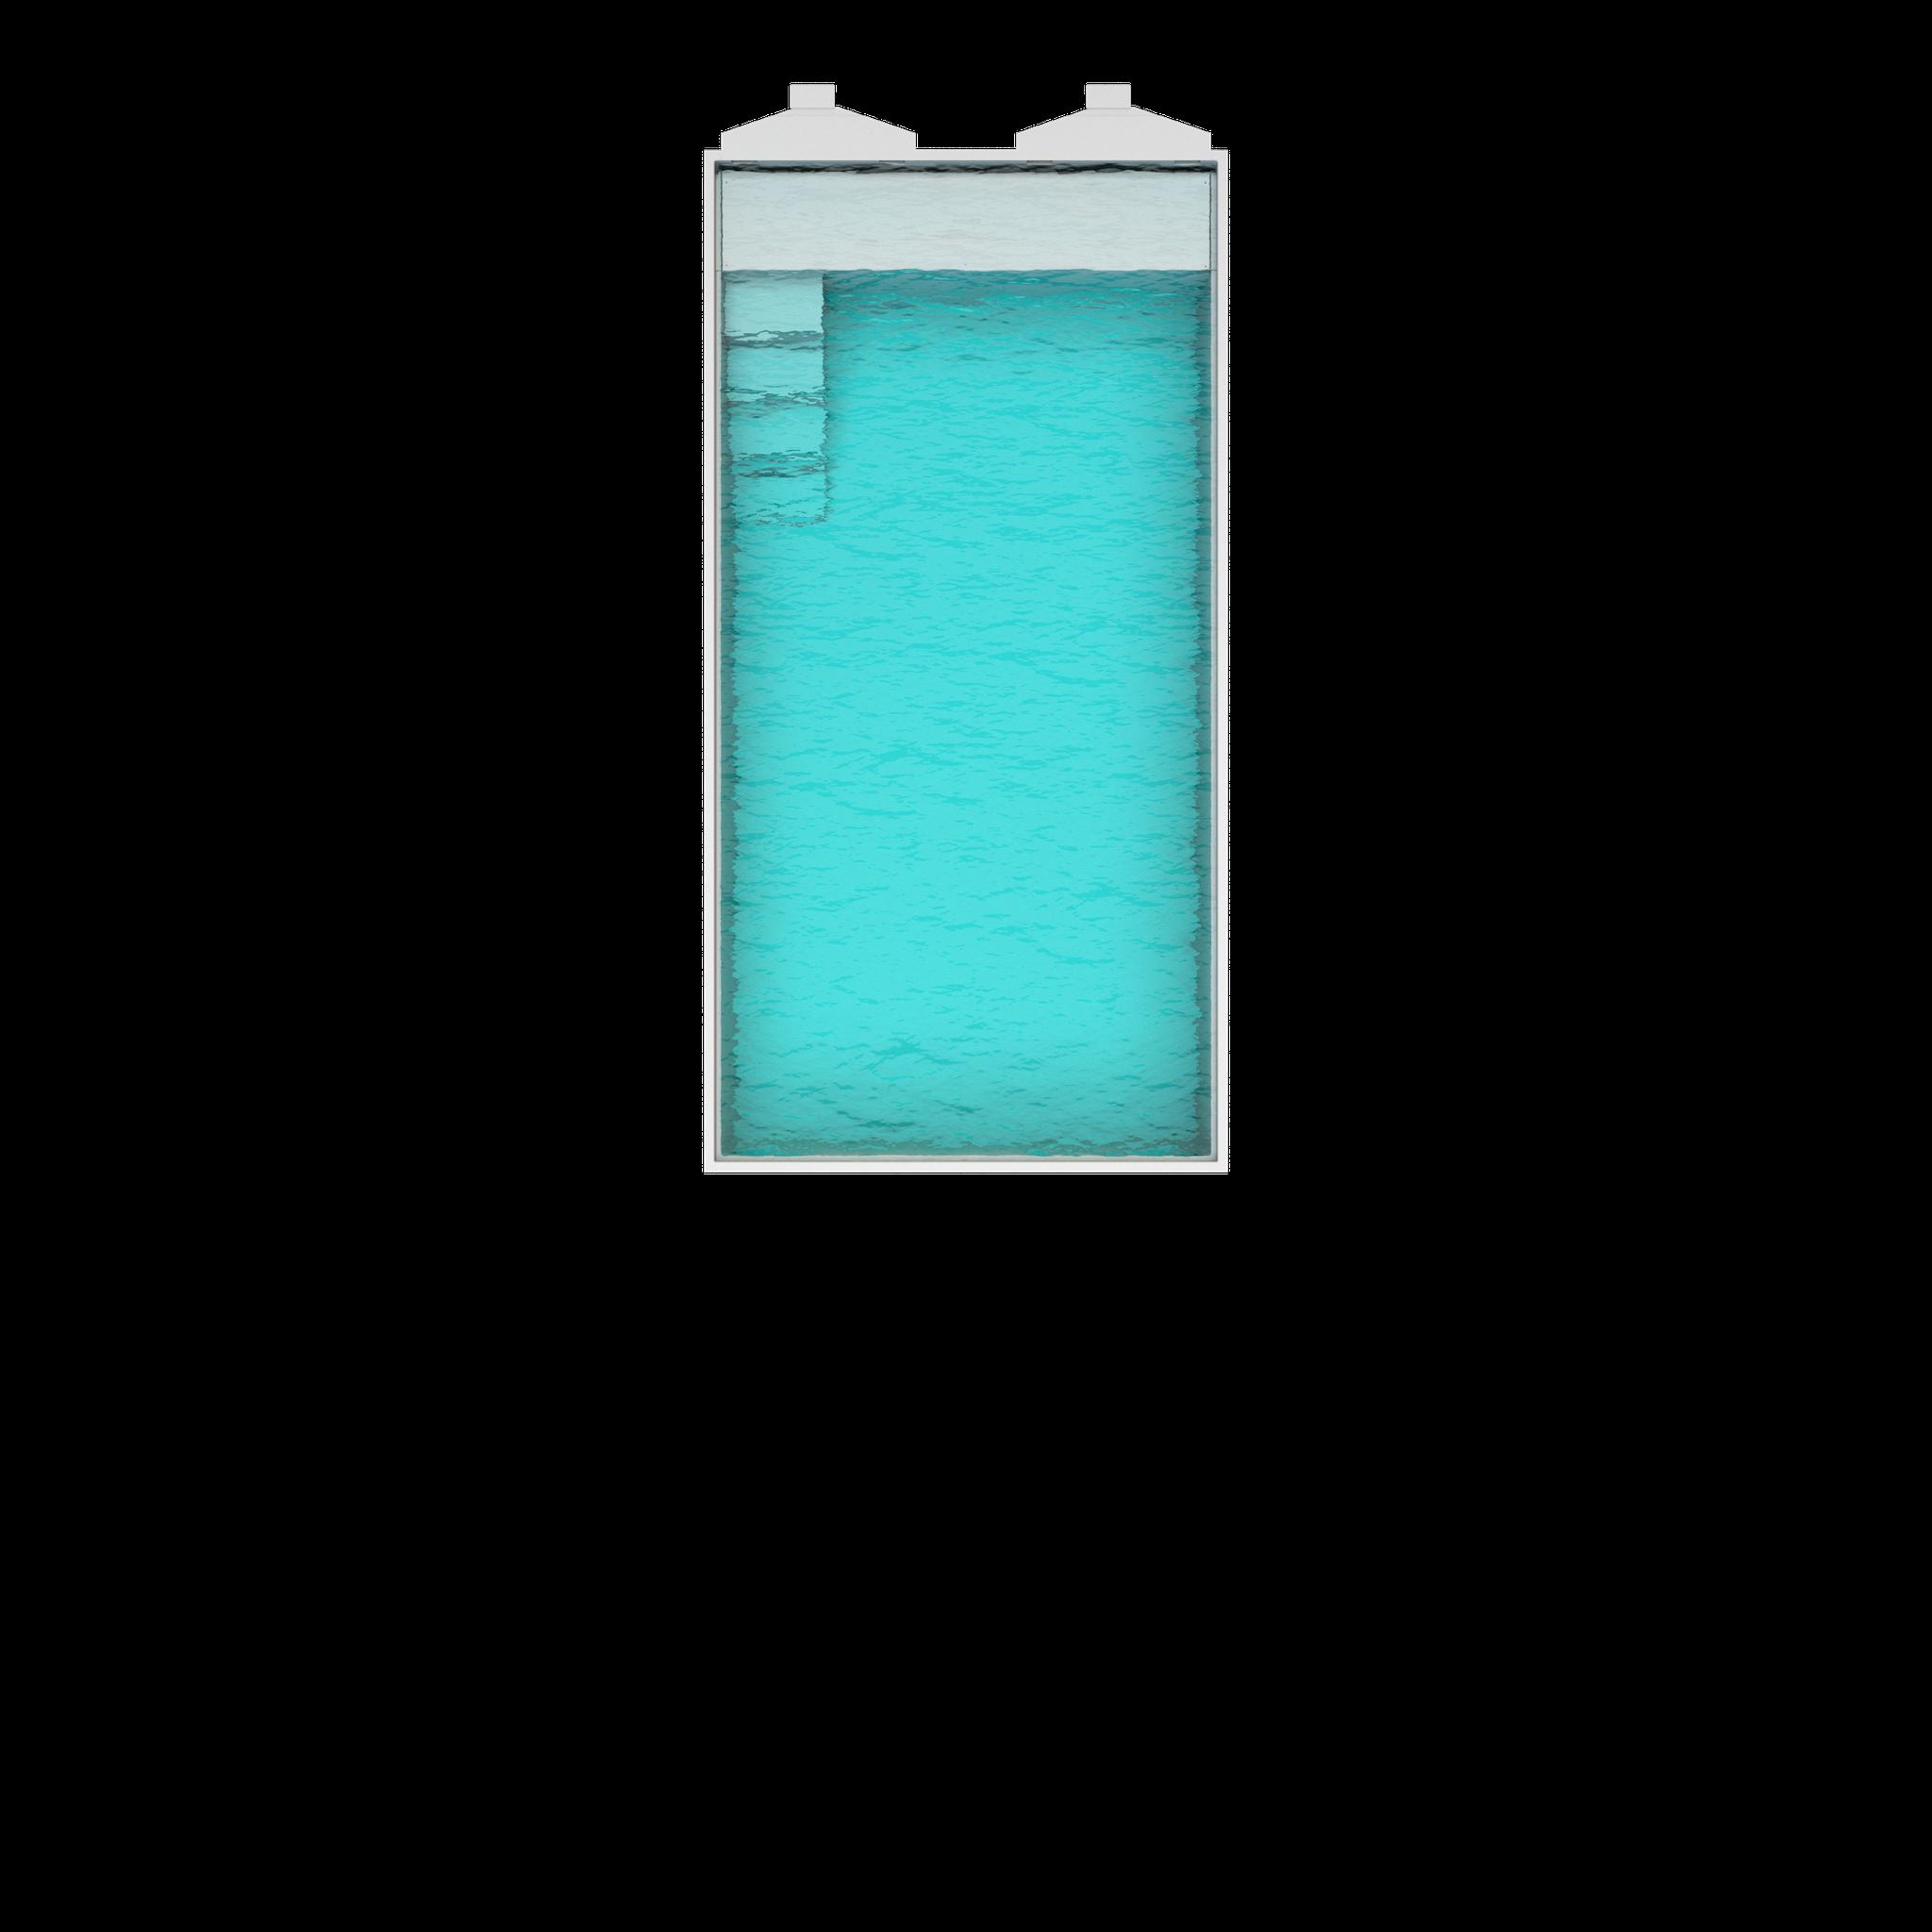 Nova 80  Länge : 8m | Breite : 4,10m | Tiefe : 1,55m Inhalt: 45000 liter